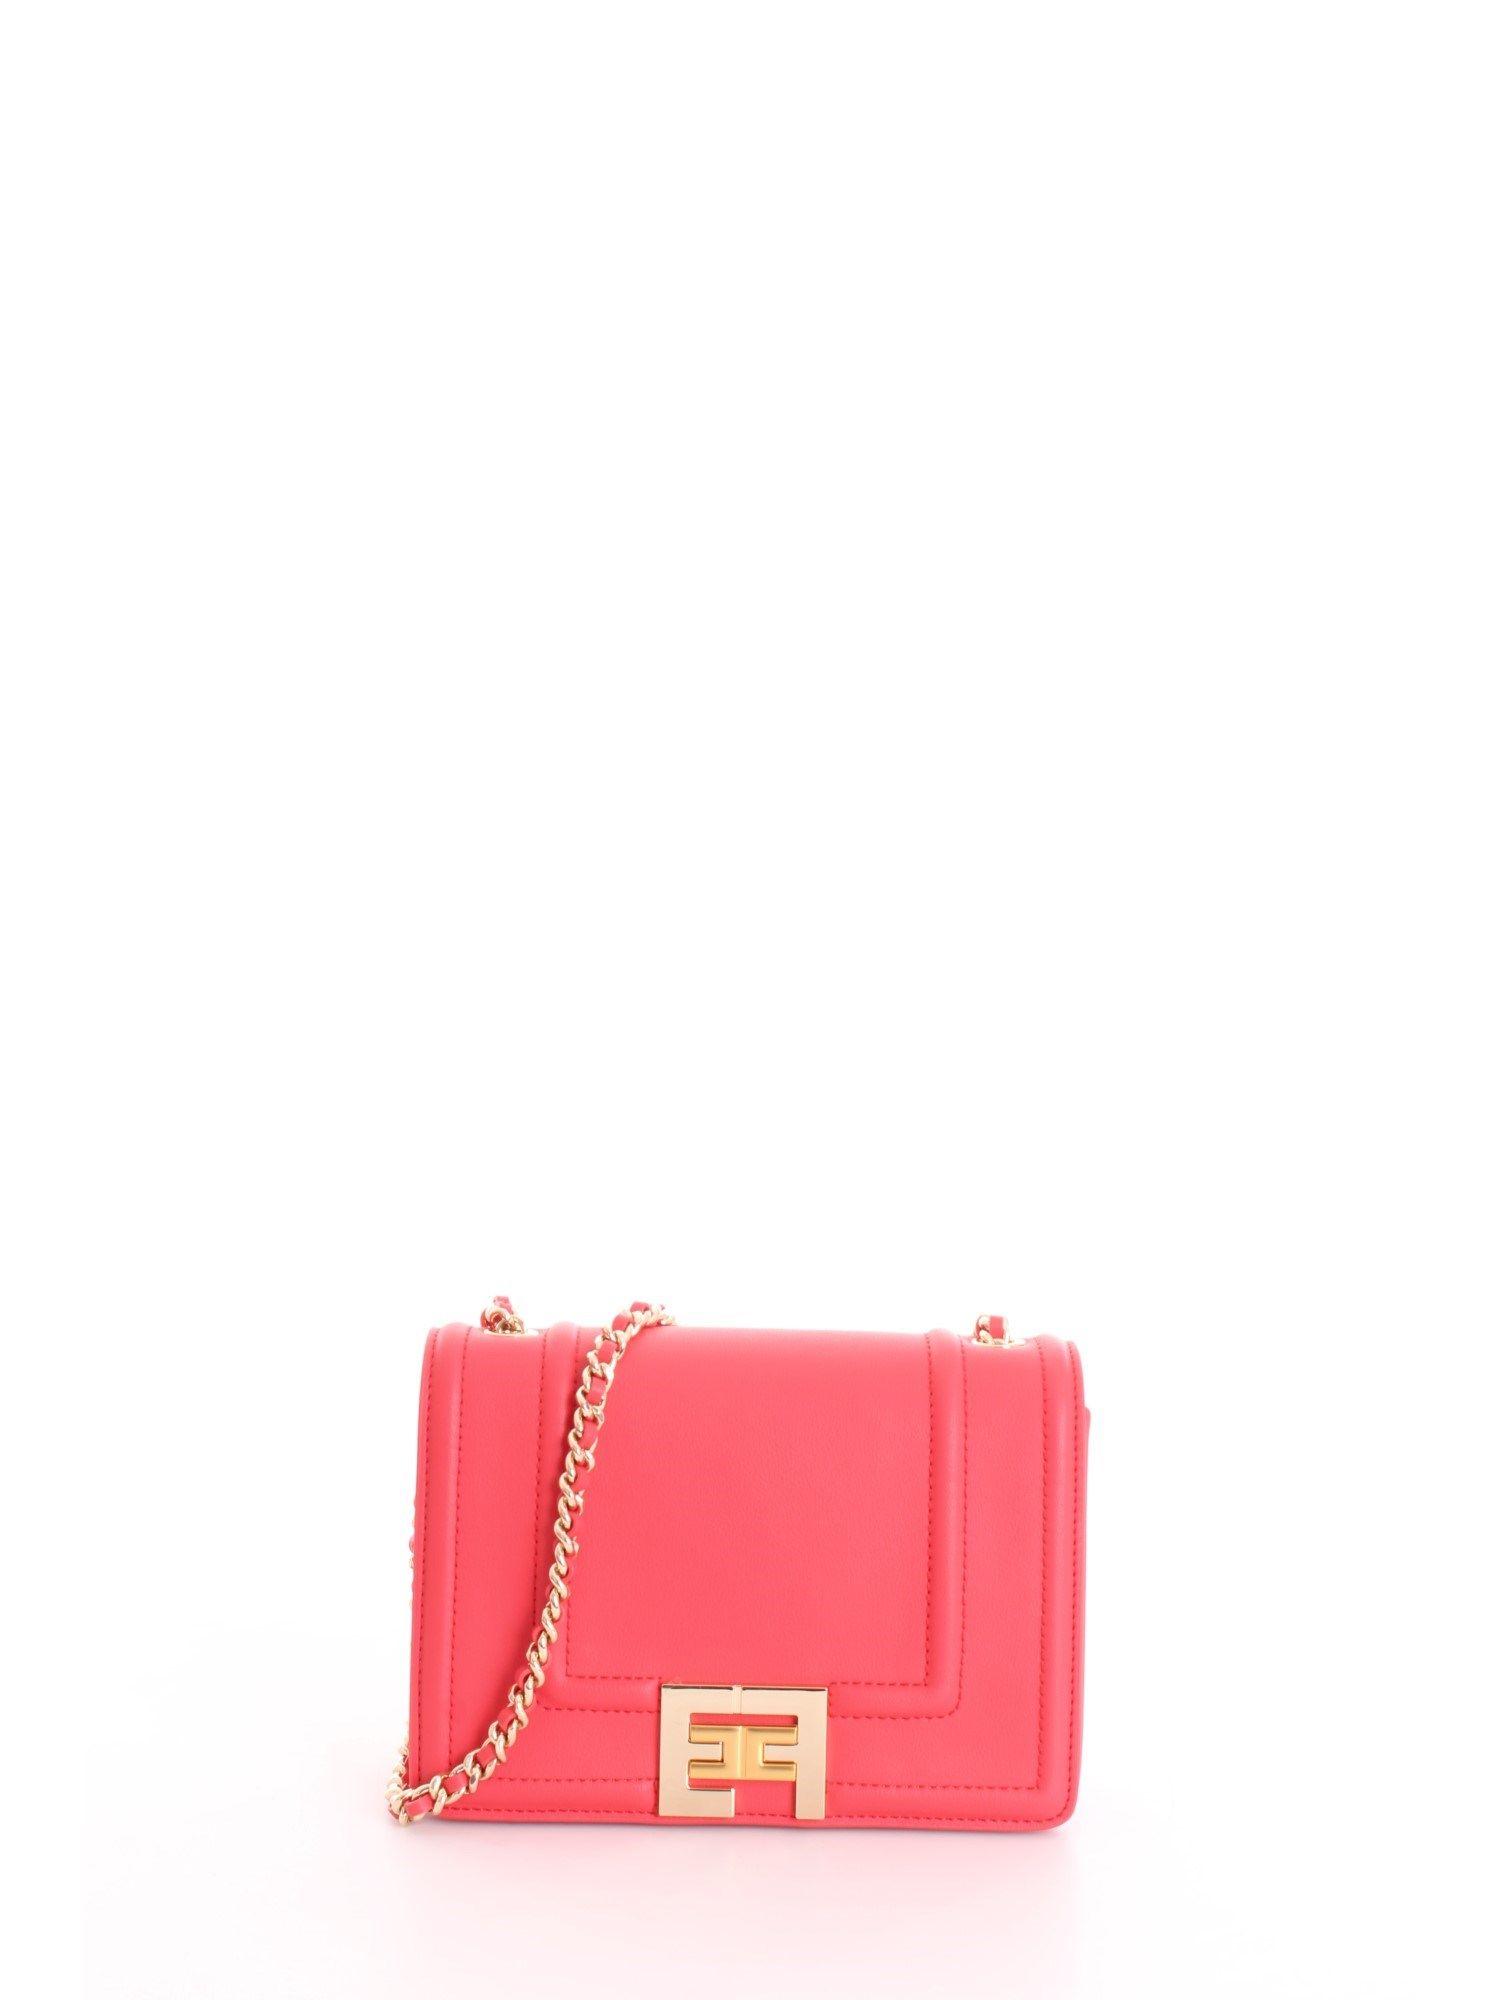 Elisabetta Franchi ELISABETTA FRANCHI WOMEN'S RED SHOULDER BAG